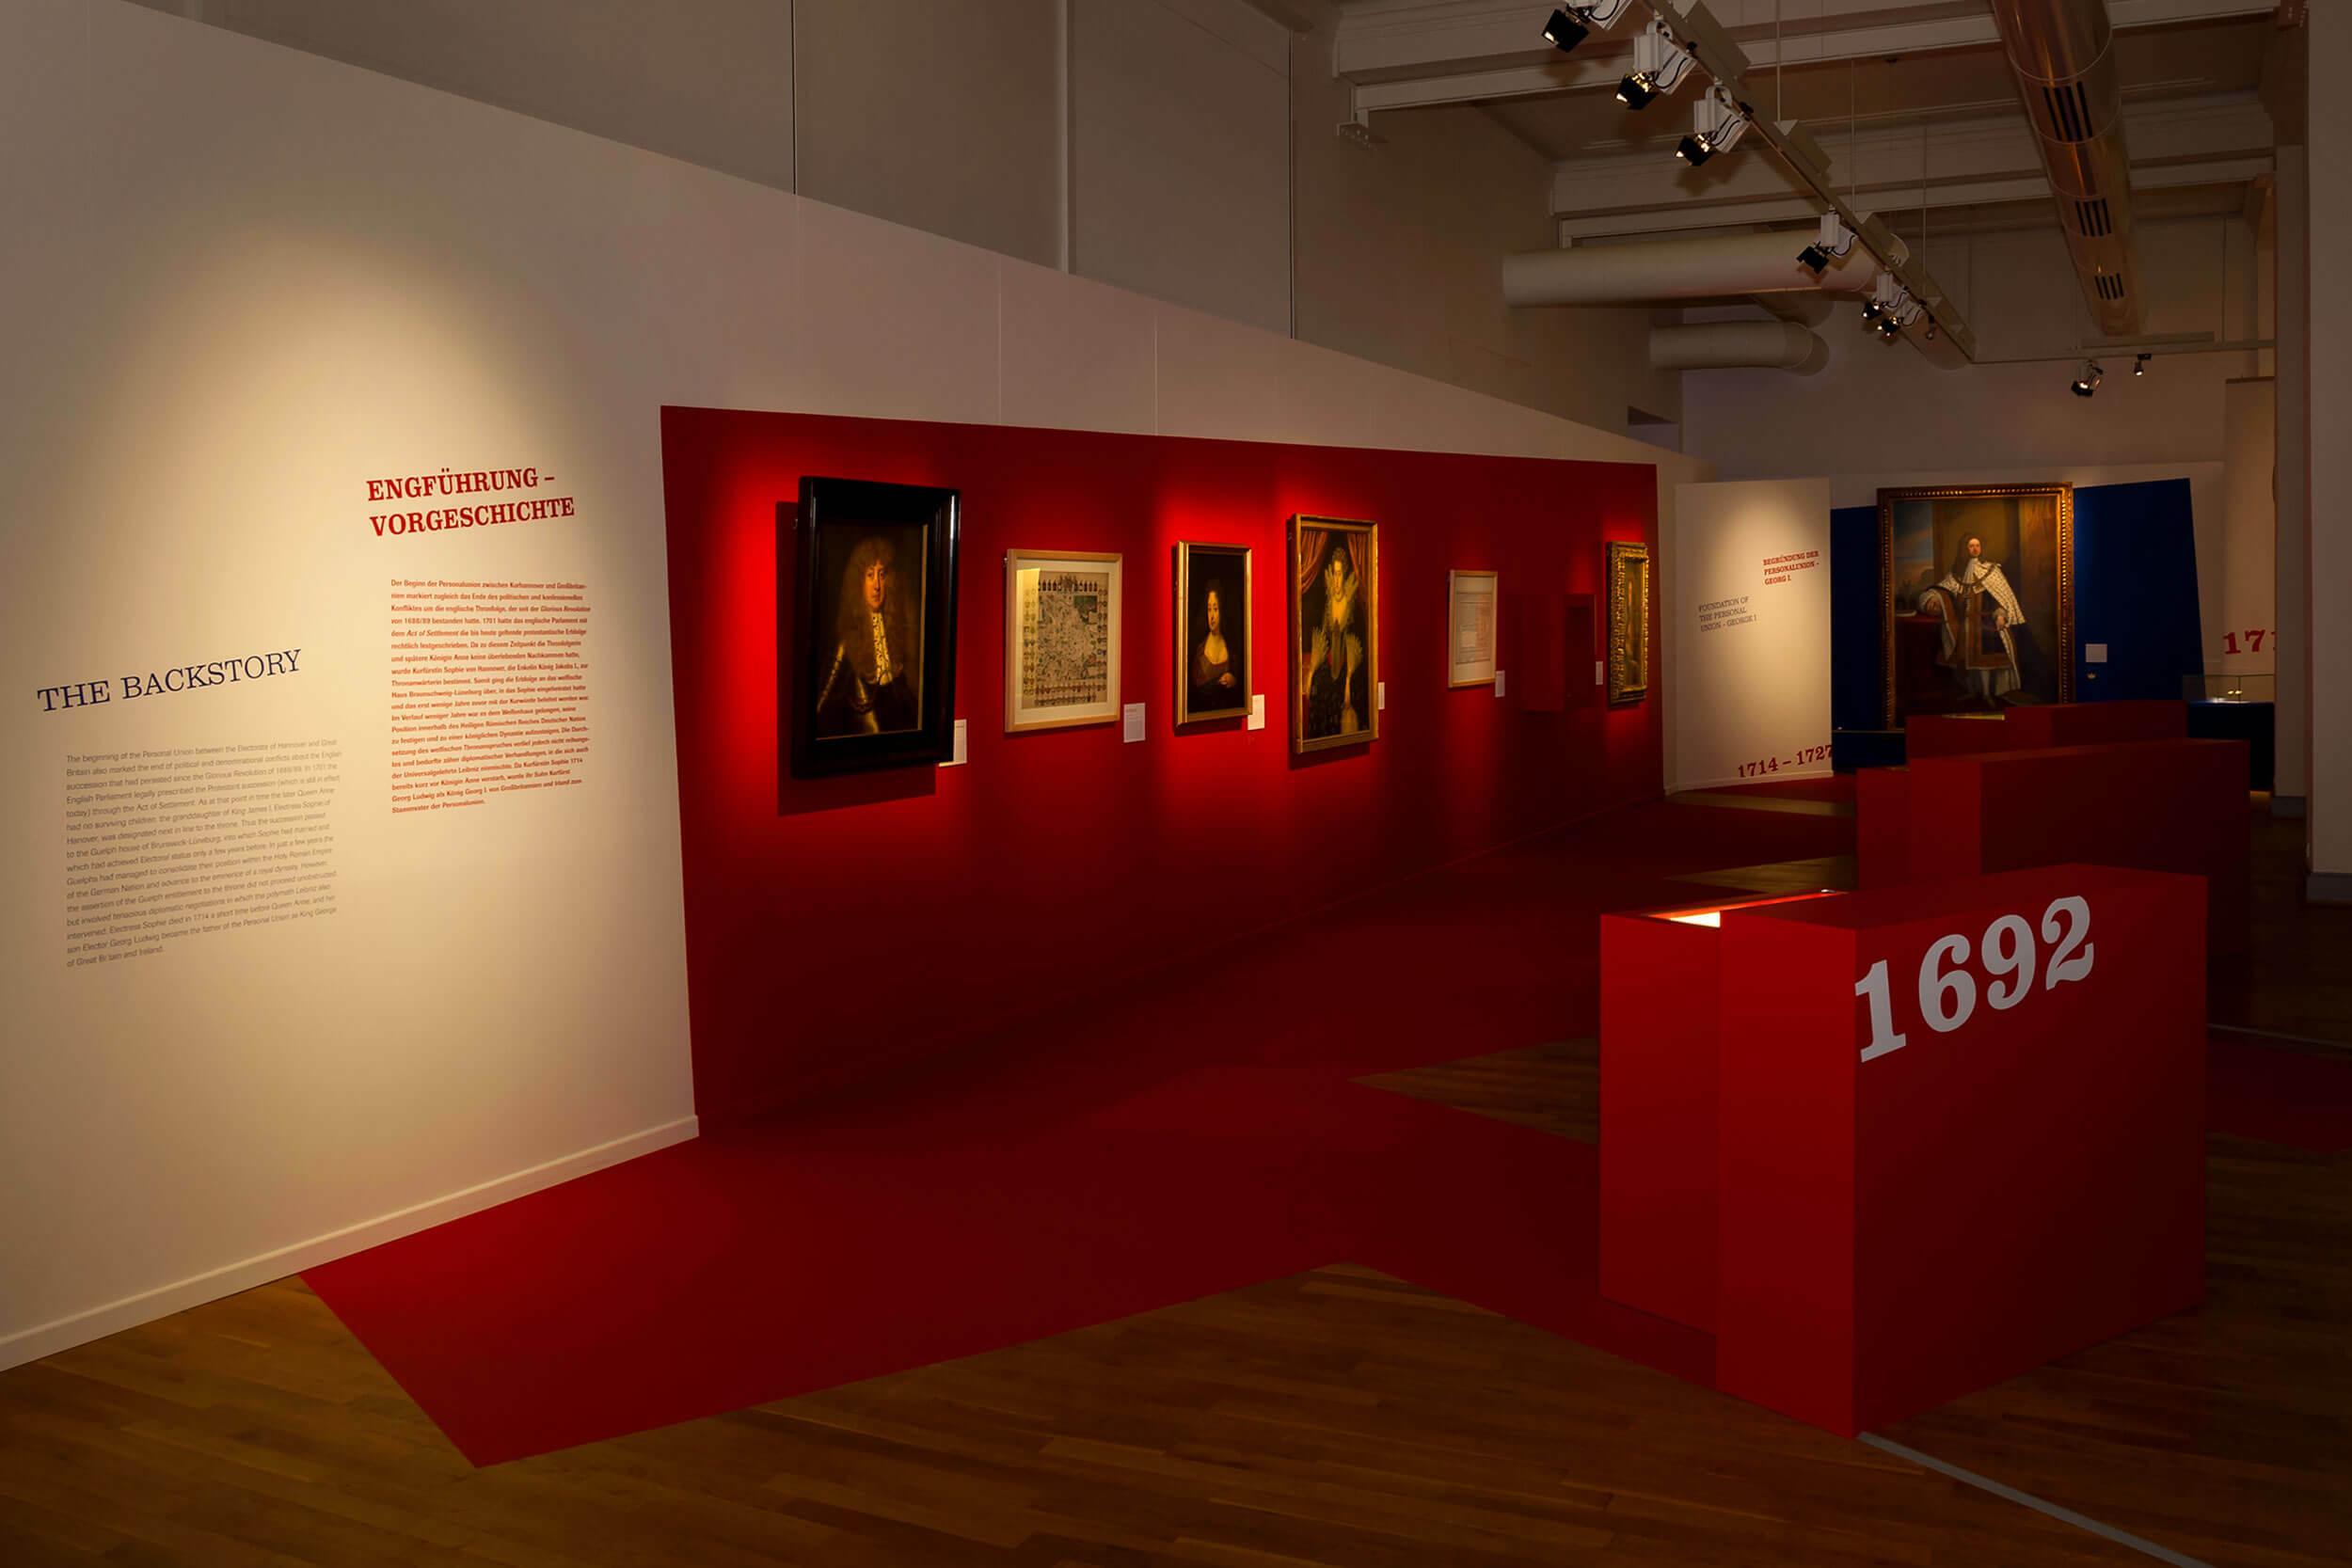 Historische Gemälde im Landesmuseum Hannover